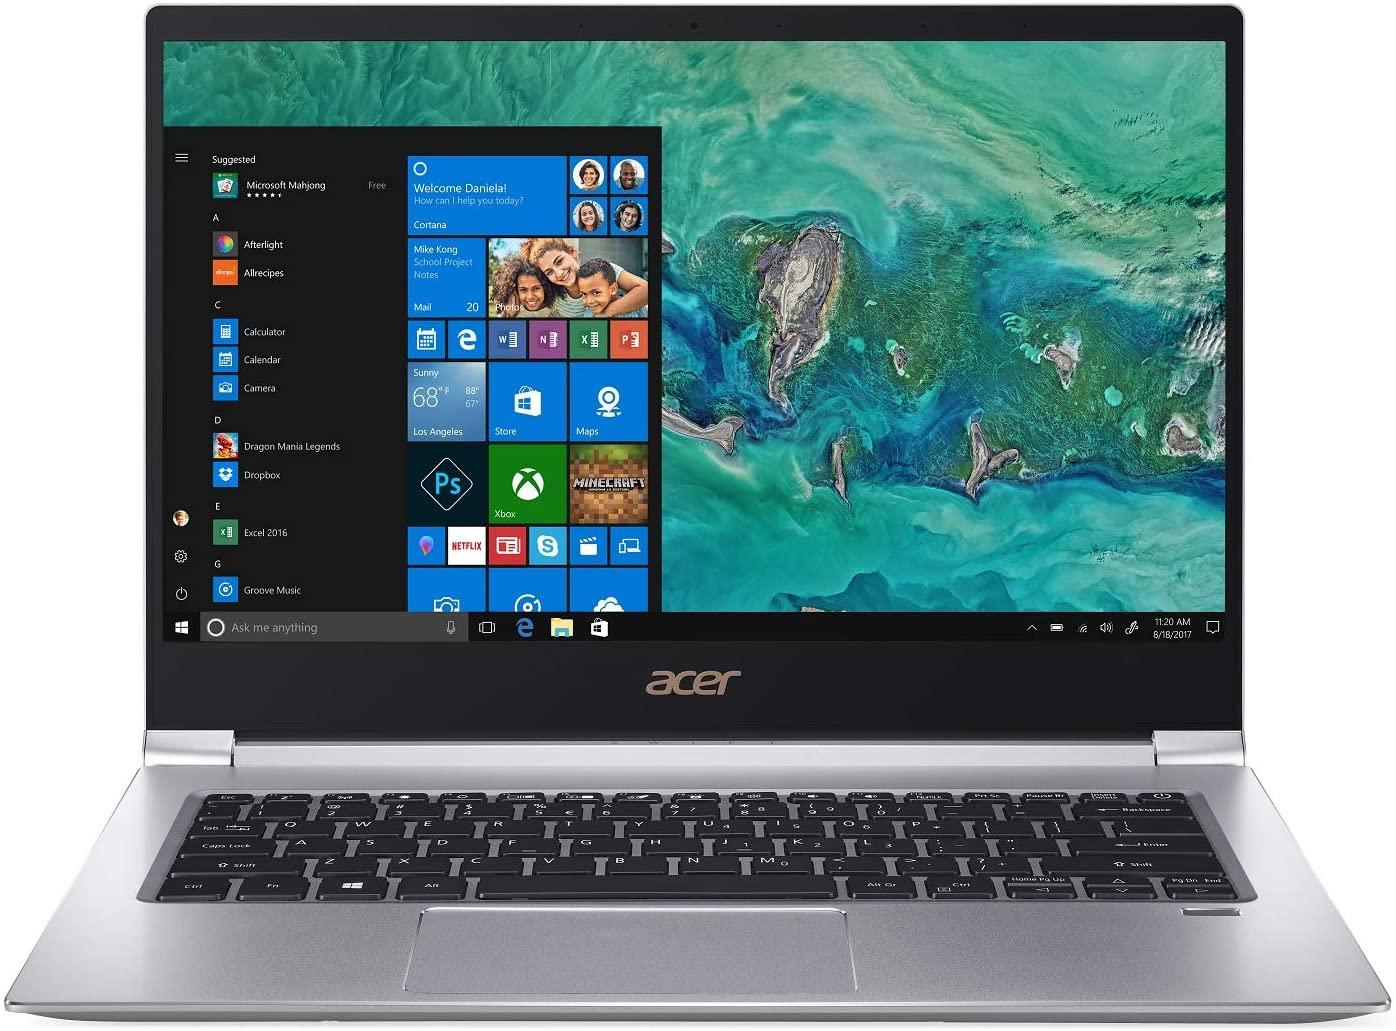 Acer Swift 3, i7 Laptop with MX150 GPU